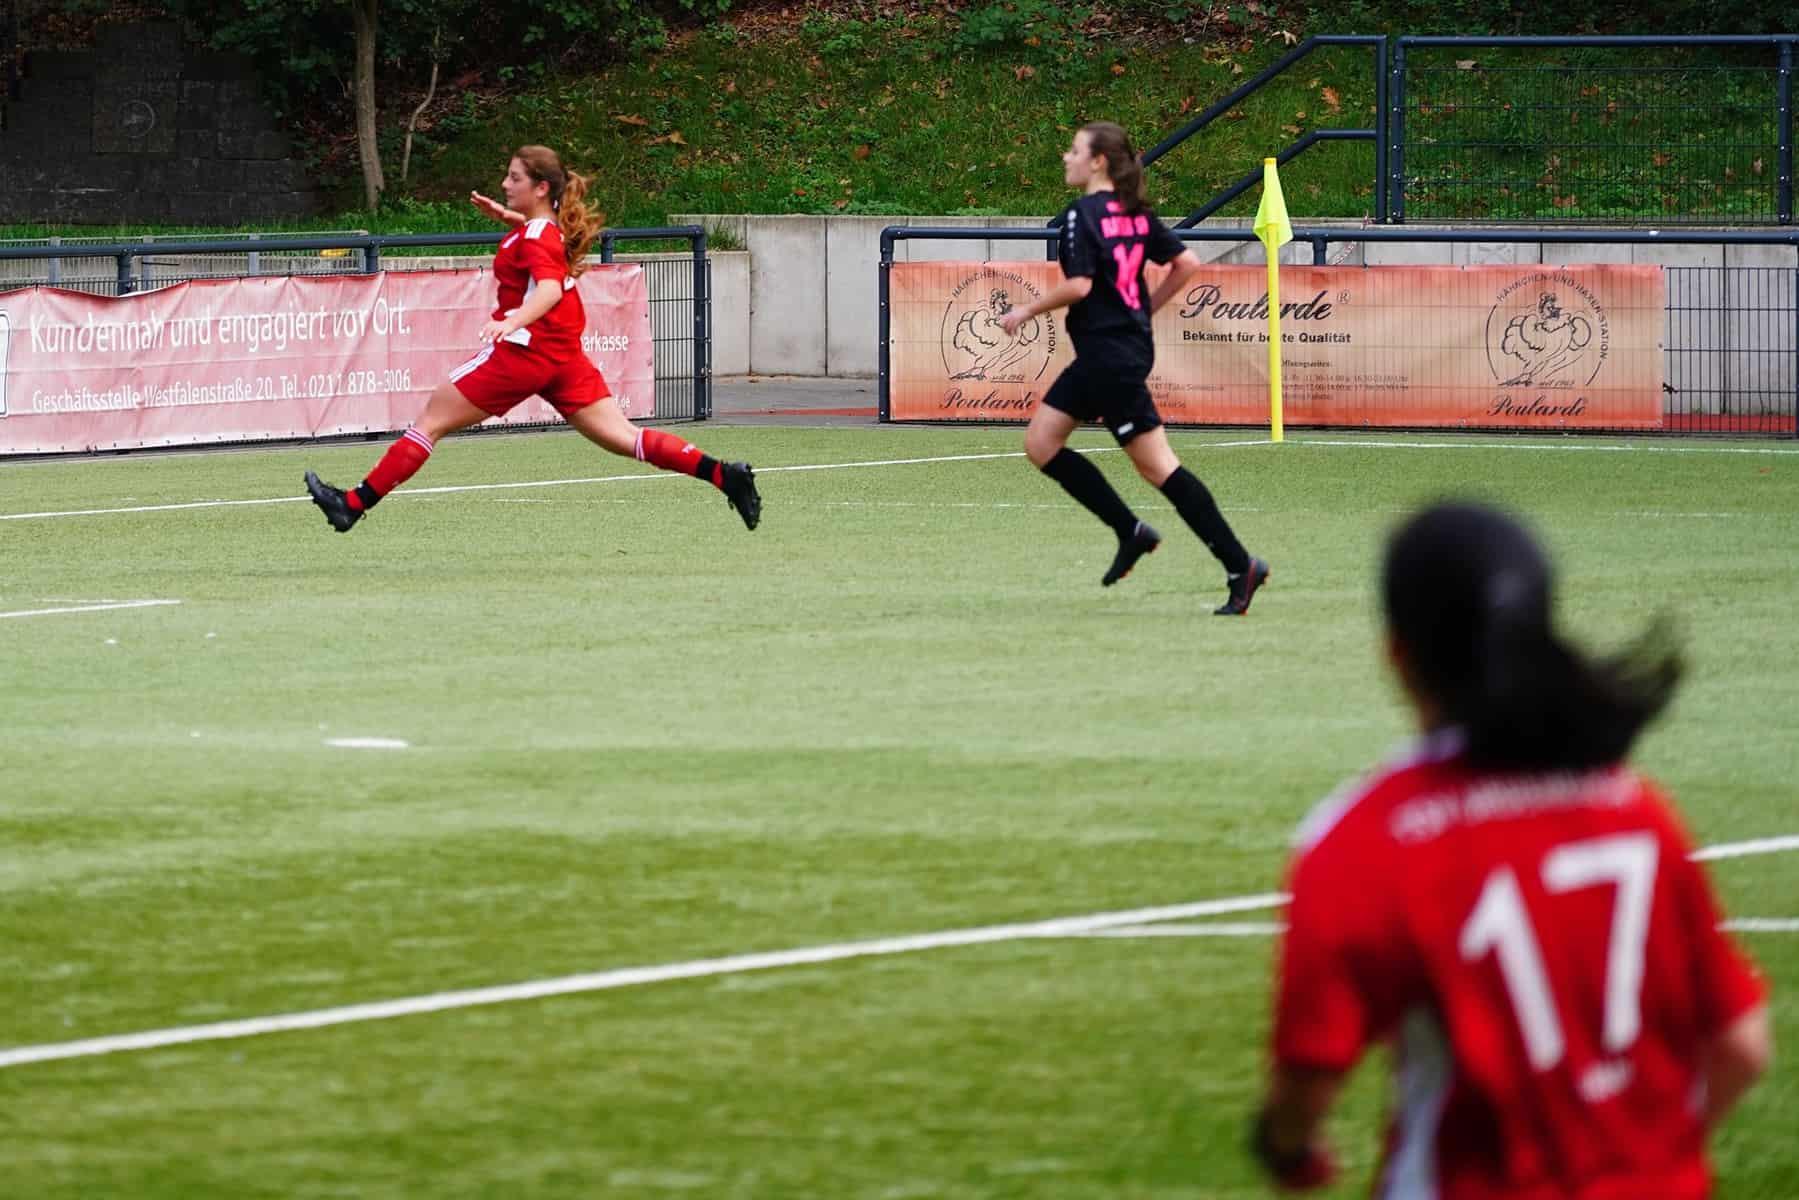 Frauenfußball in Düsseldorf: Die Damen des TSV Urdenbach zu Gast beim Rather SV (Foto: M. Neugebauer)